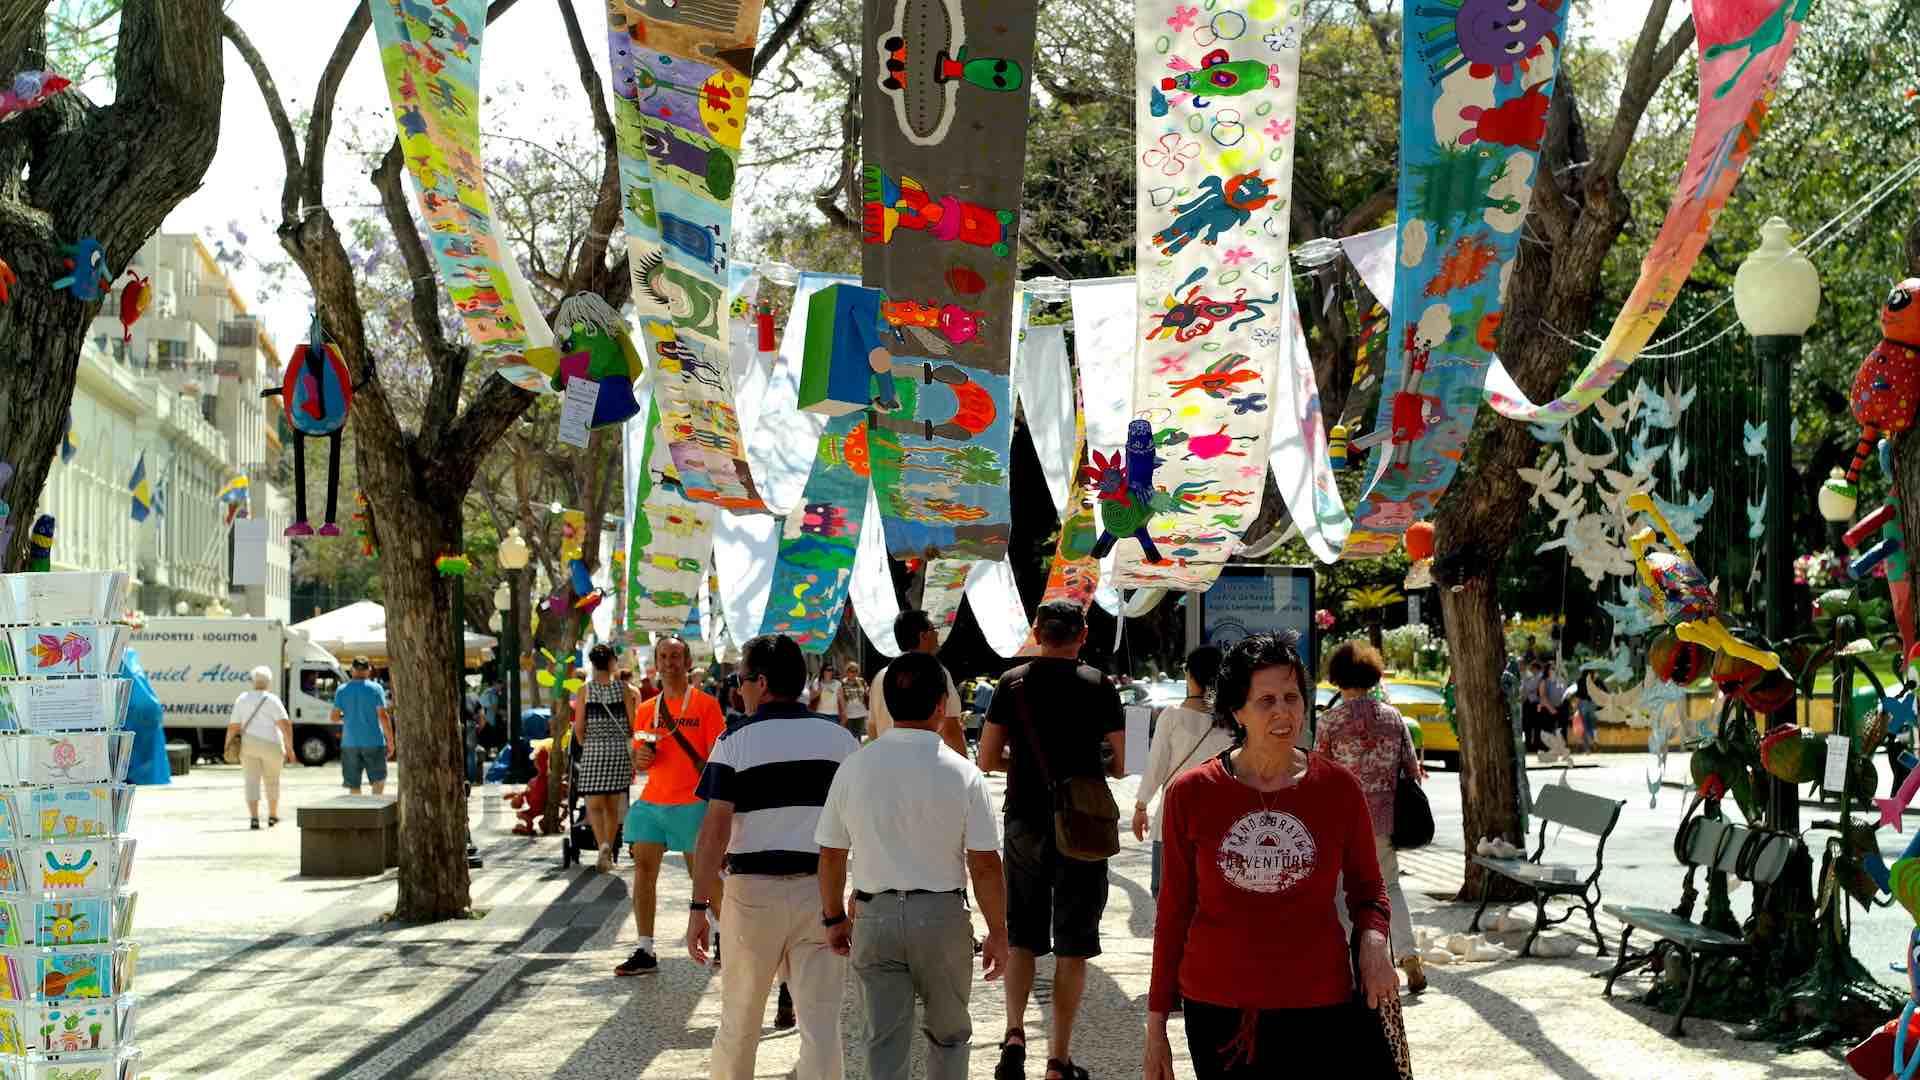 En la Semana Regional de las Artes, las calles de Funchal se alegran con decoraciones originales